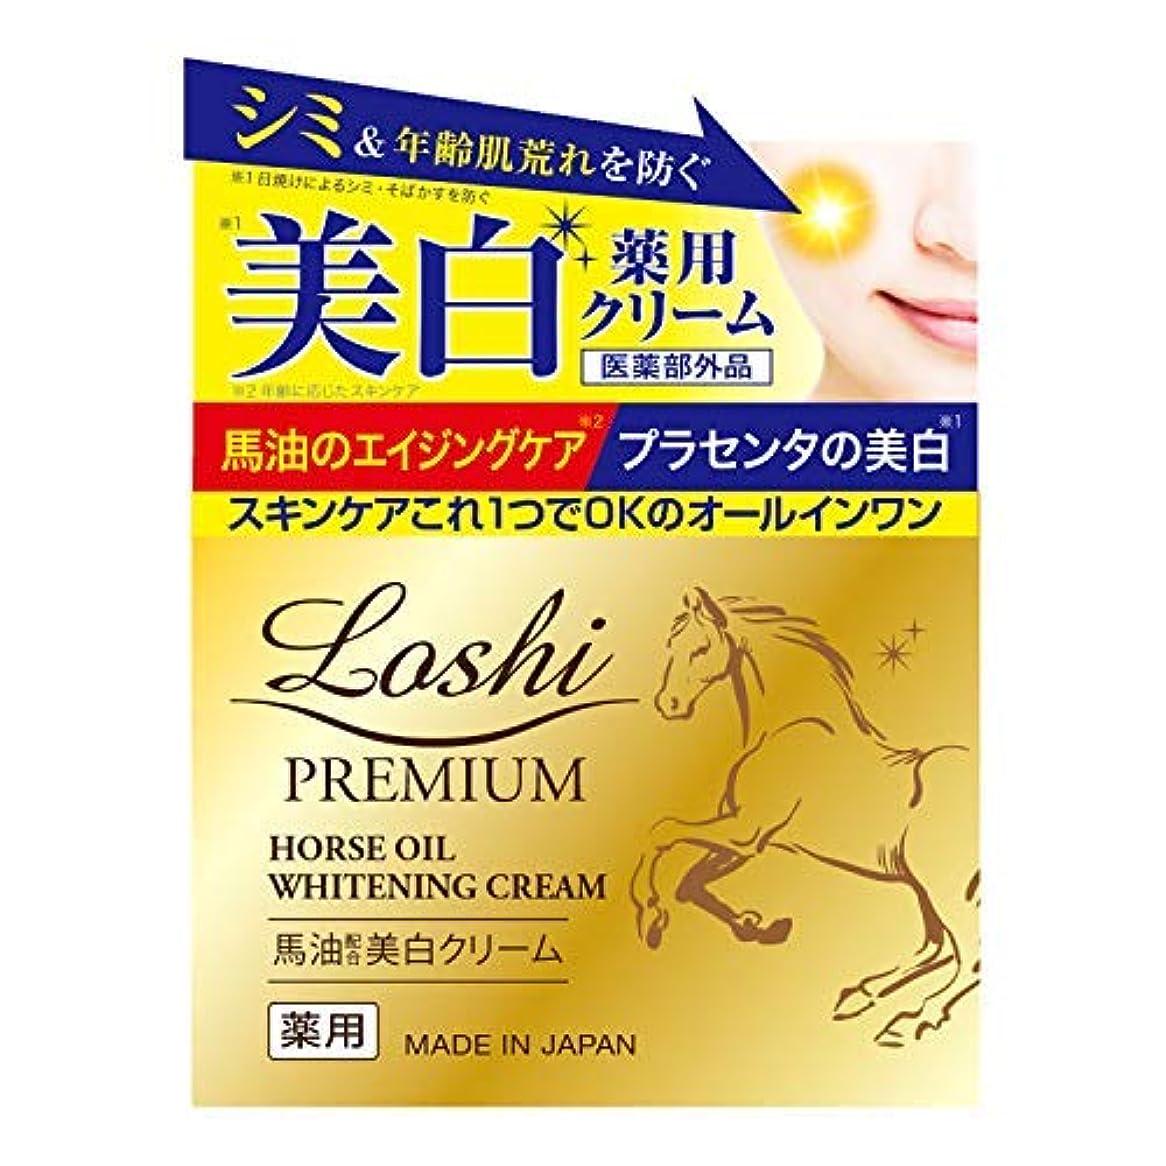 ロッシプレミアム 薬用ホワイト馬油配合スキンクリーム × 18個セット